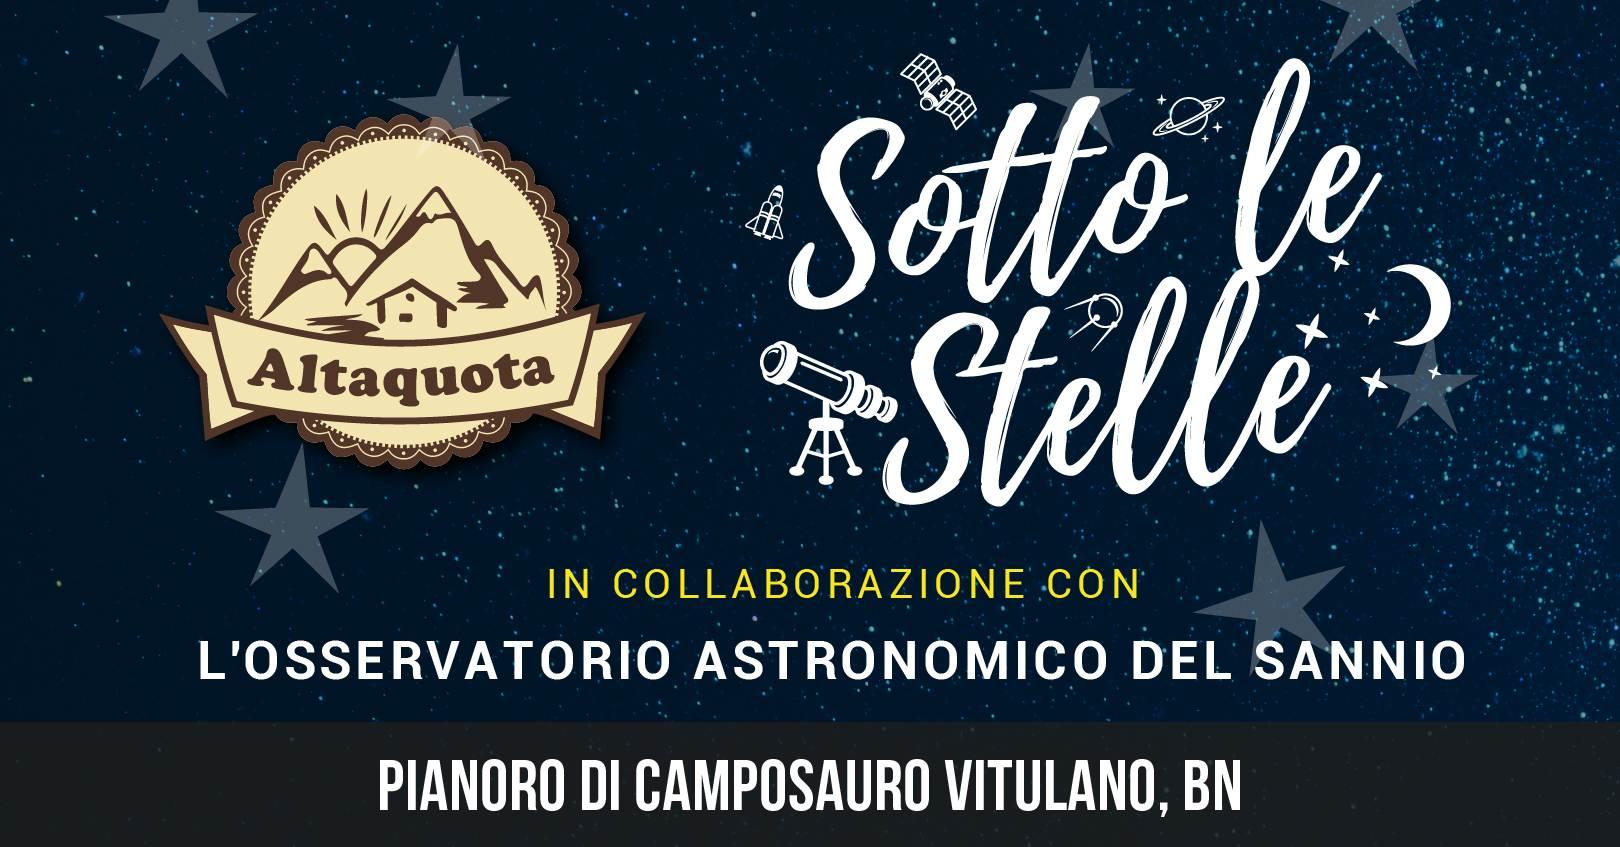 COPERTINA-SOTTO-LE-STELLE-10-AGOSTO---ALTAQUOTA.jpg